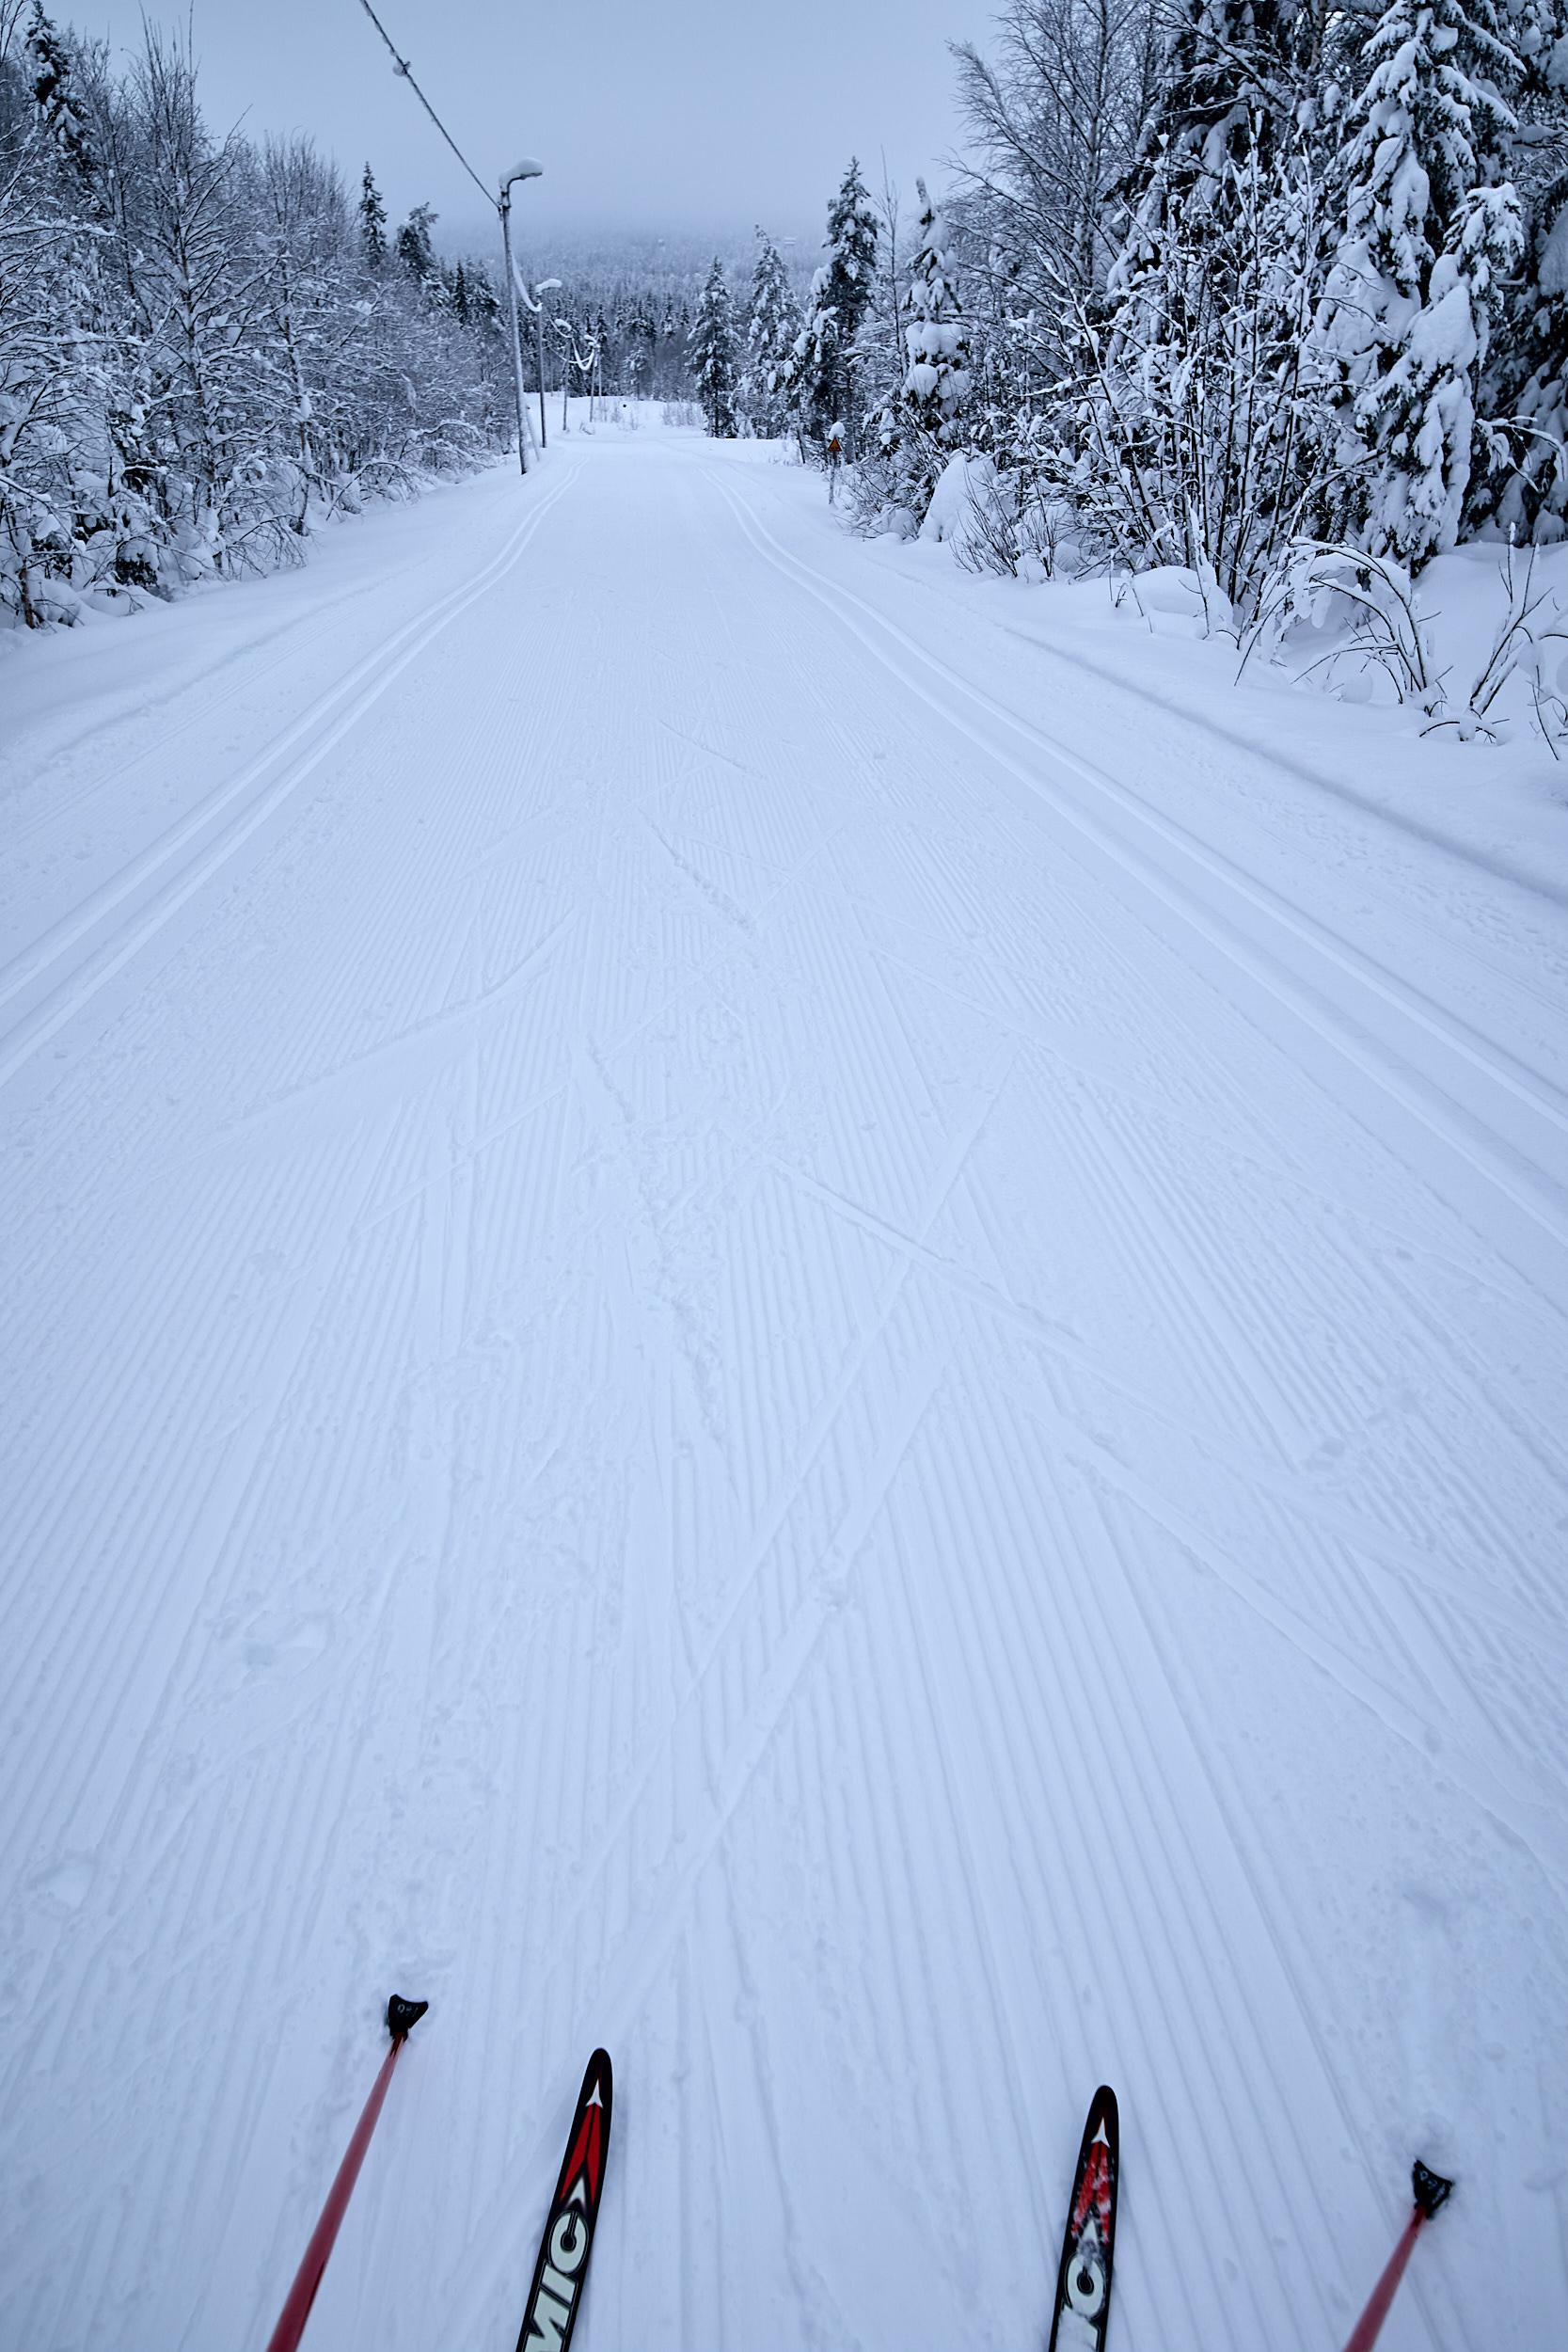 15 mm - 2019-02-09 14.54.31 - Oulu Week 6 Syote.jpg